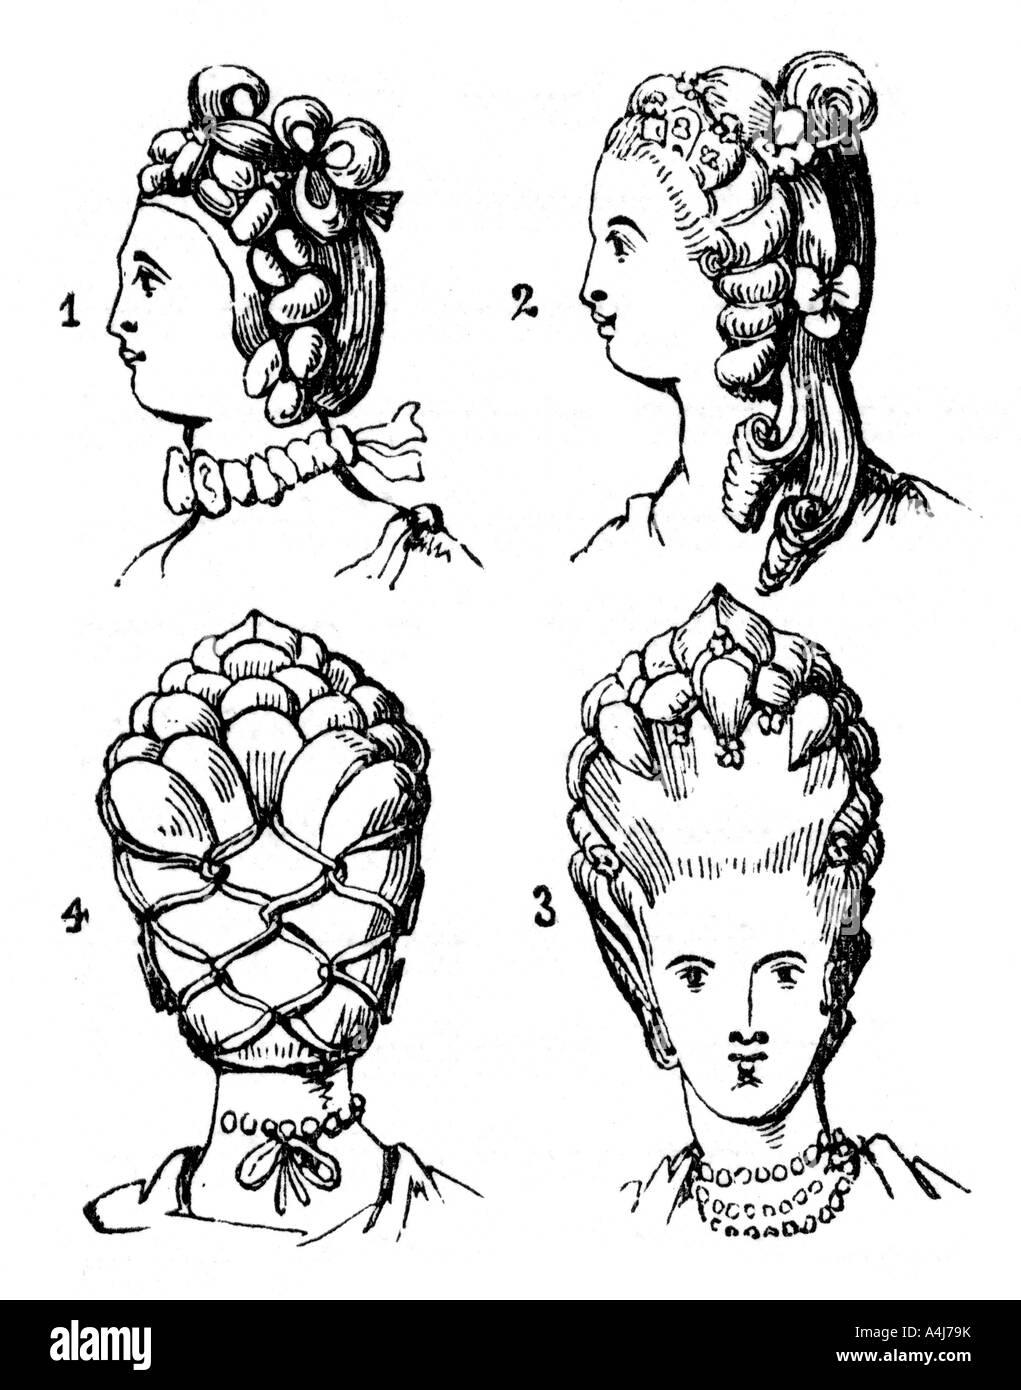 Ende Des 18 Jahrhunderts 1910 Frisuren Stockfoto Bild 11059998